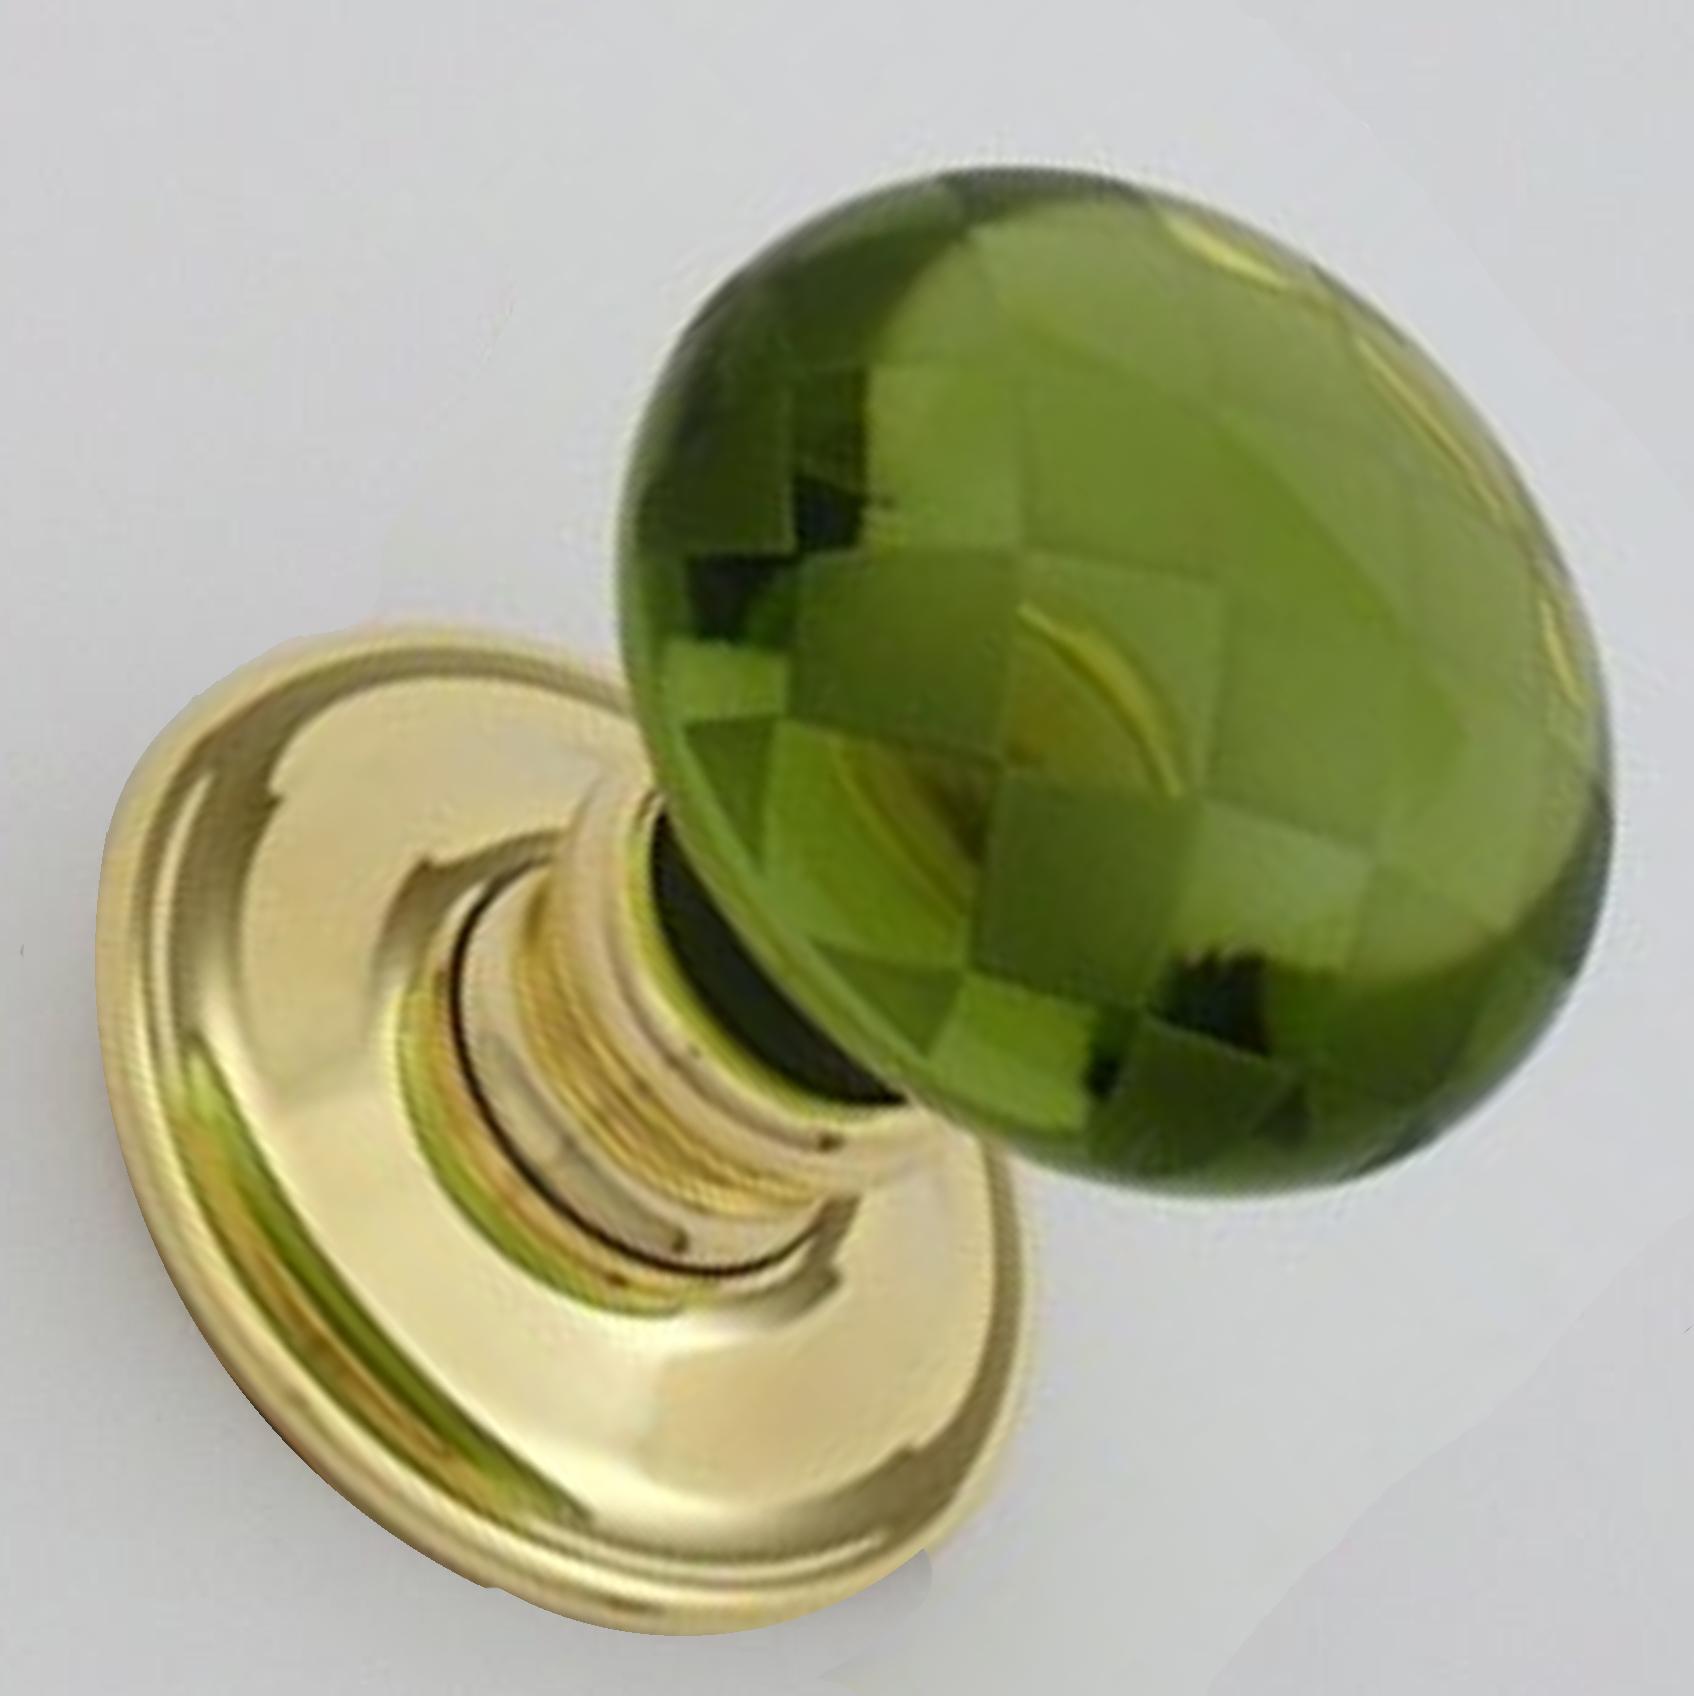 green glass door knob photo - 10